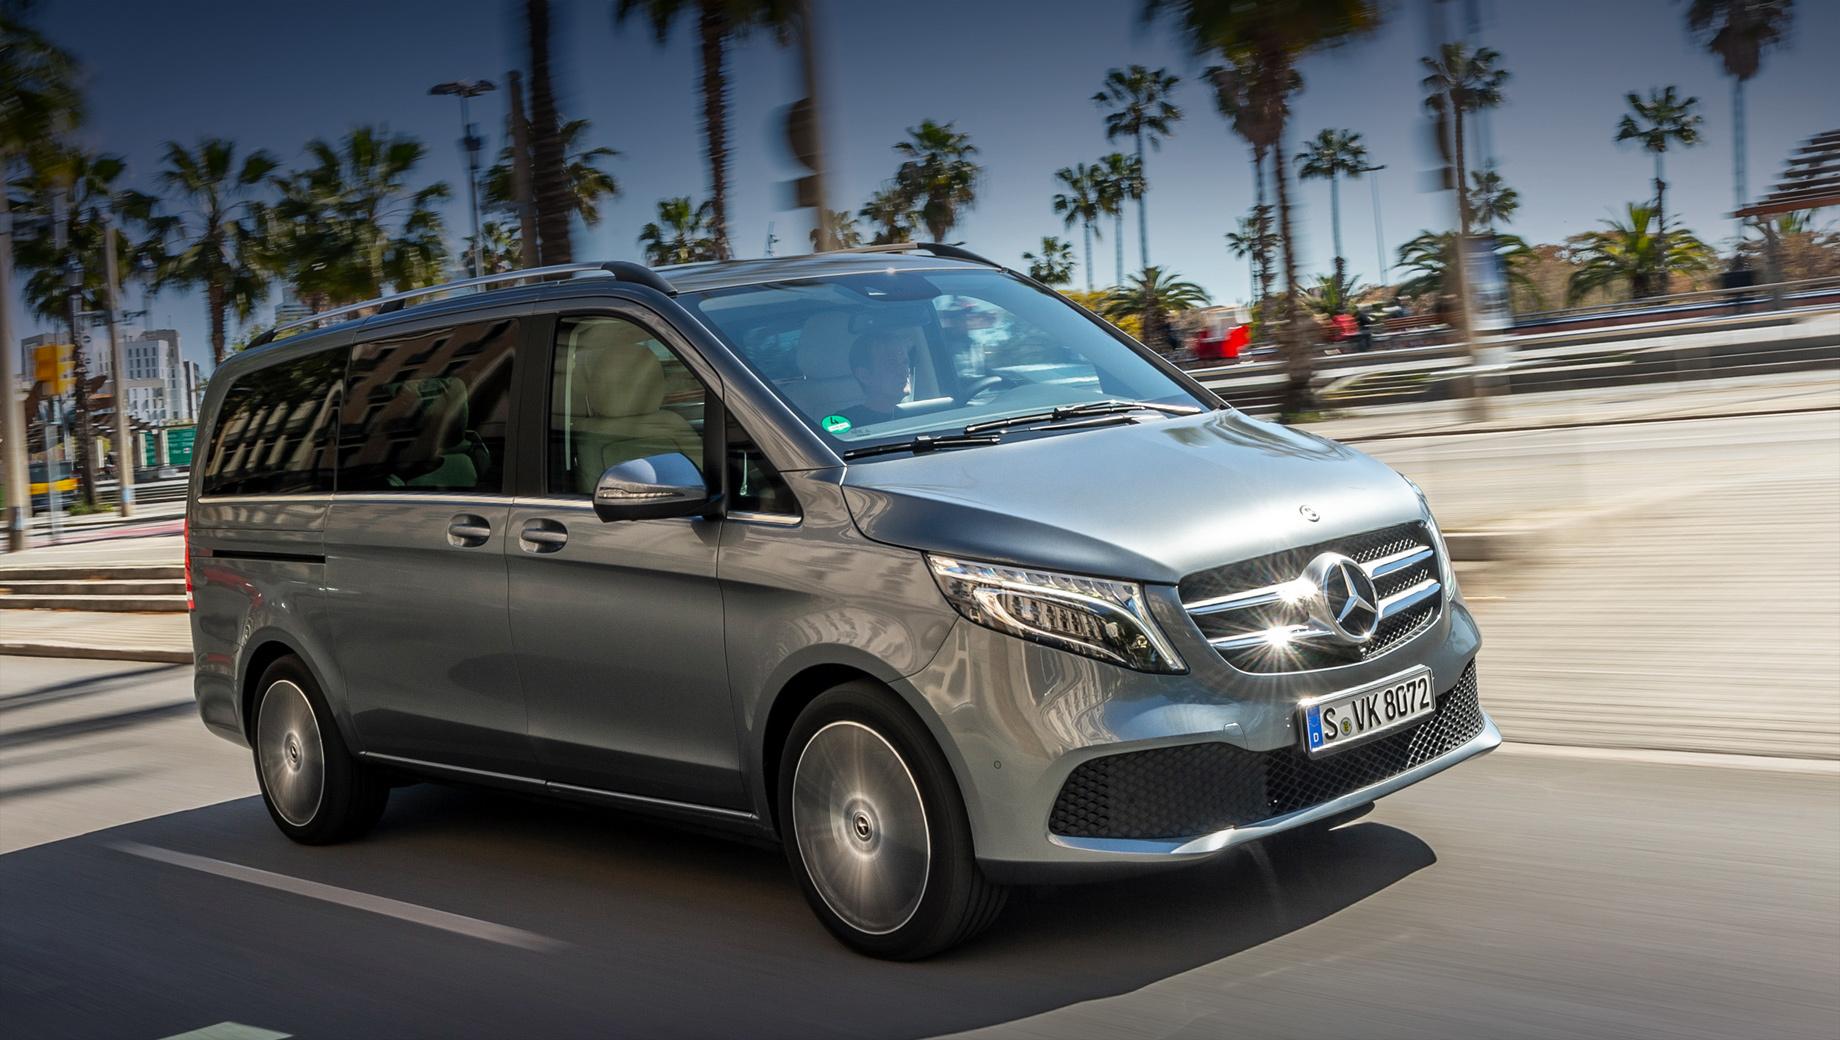 Mercedes v. Обновившийся ровно год назад V-класс «начинается» с 3 563 422 рублей. Базовая версия V 200 d оснащается дизелем 2.0 (136 л.с.), шестиступенчатой «механикой» и задним приводом.